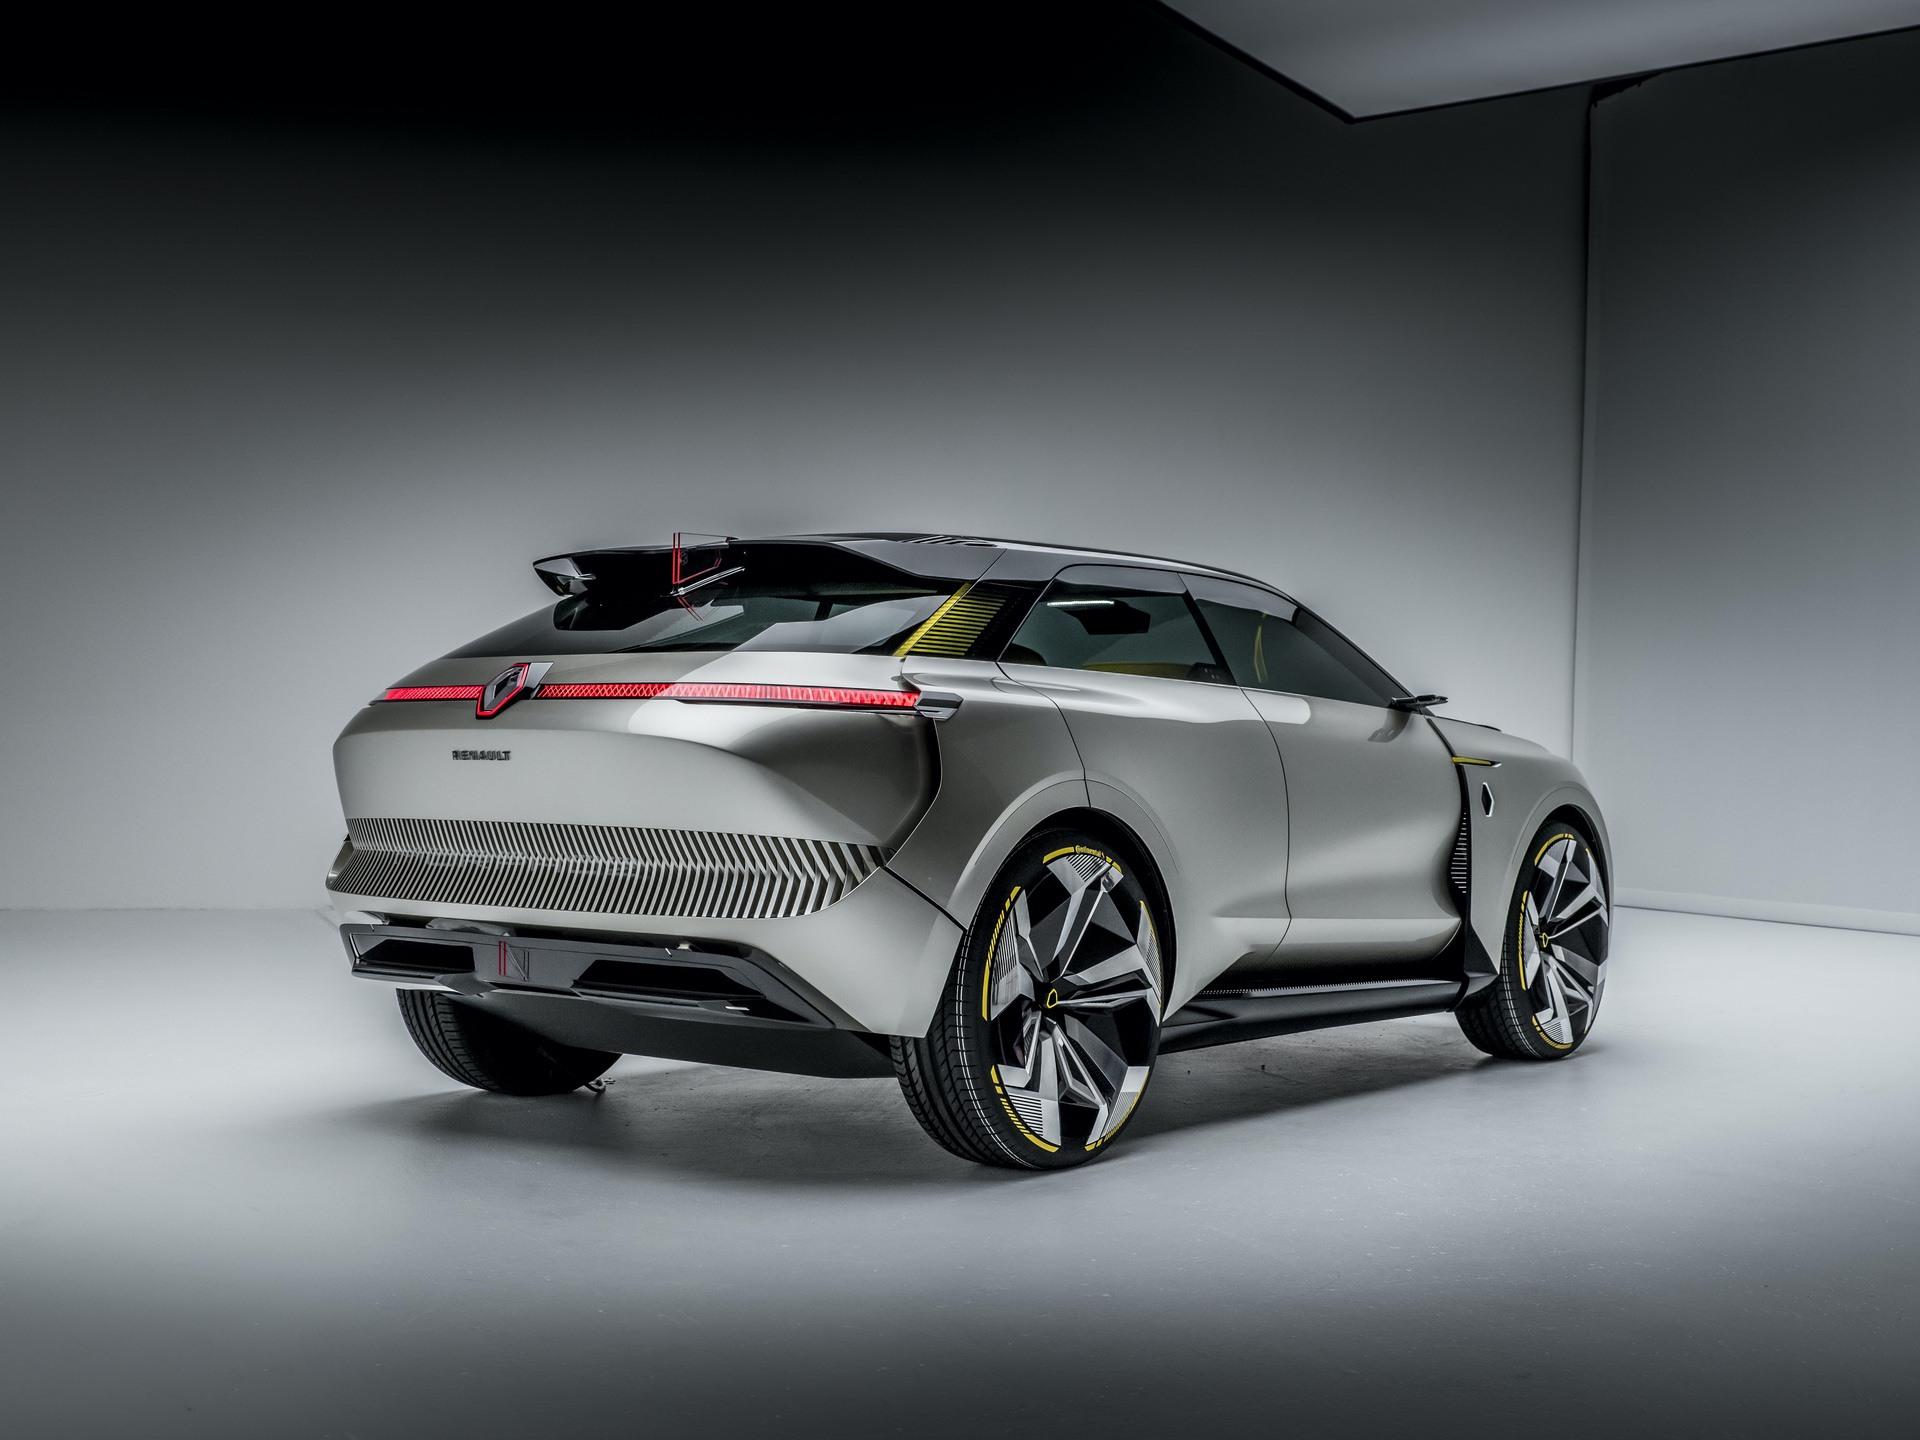 Renault_Morphoz_concept_0073